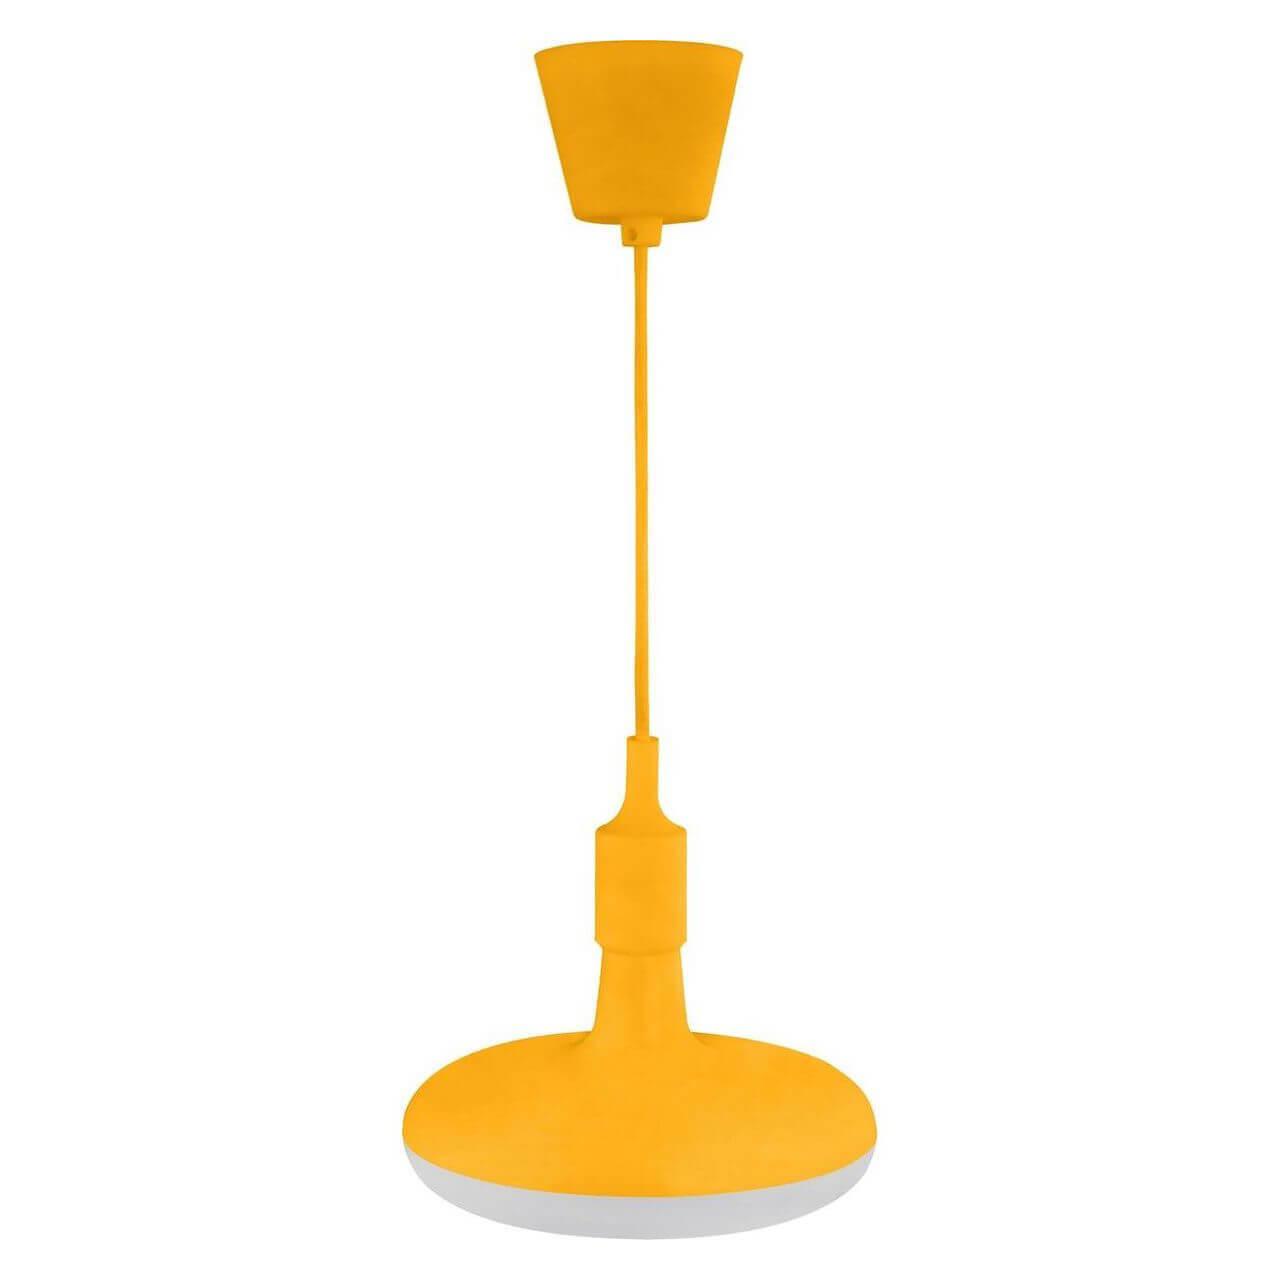 Подвесной светодиодный светильник Horoz Sembol желтый 020-006-0012 подвесной светильник sembol hrz00002171